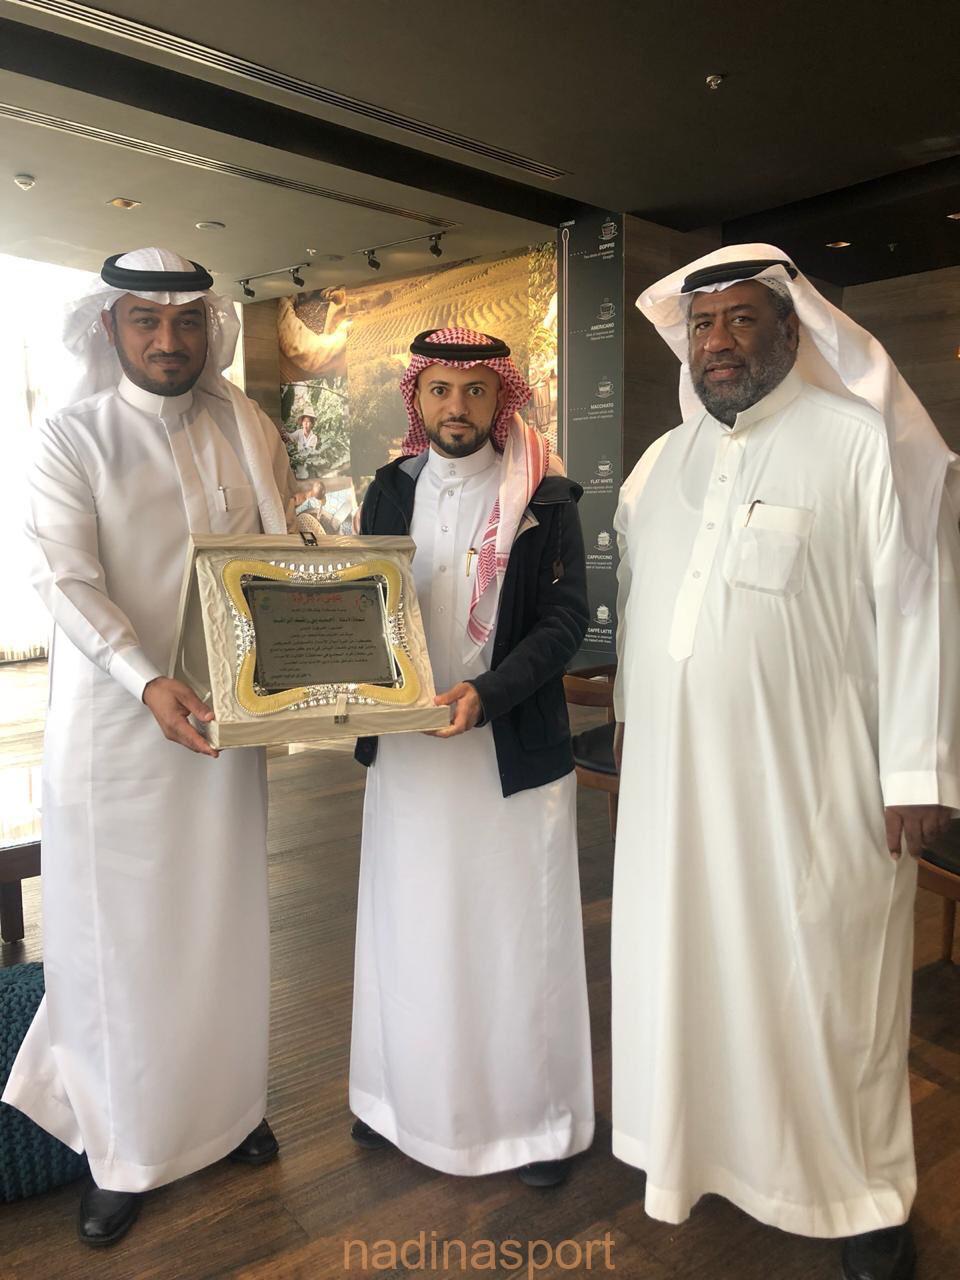 رئيس نادي الاحساء يلتقي مع رئيس لجنة الاستثمار بالغرفه التجاريه